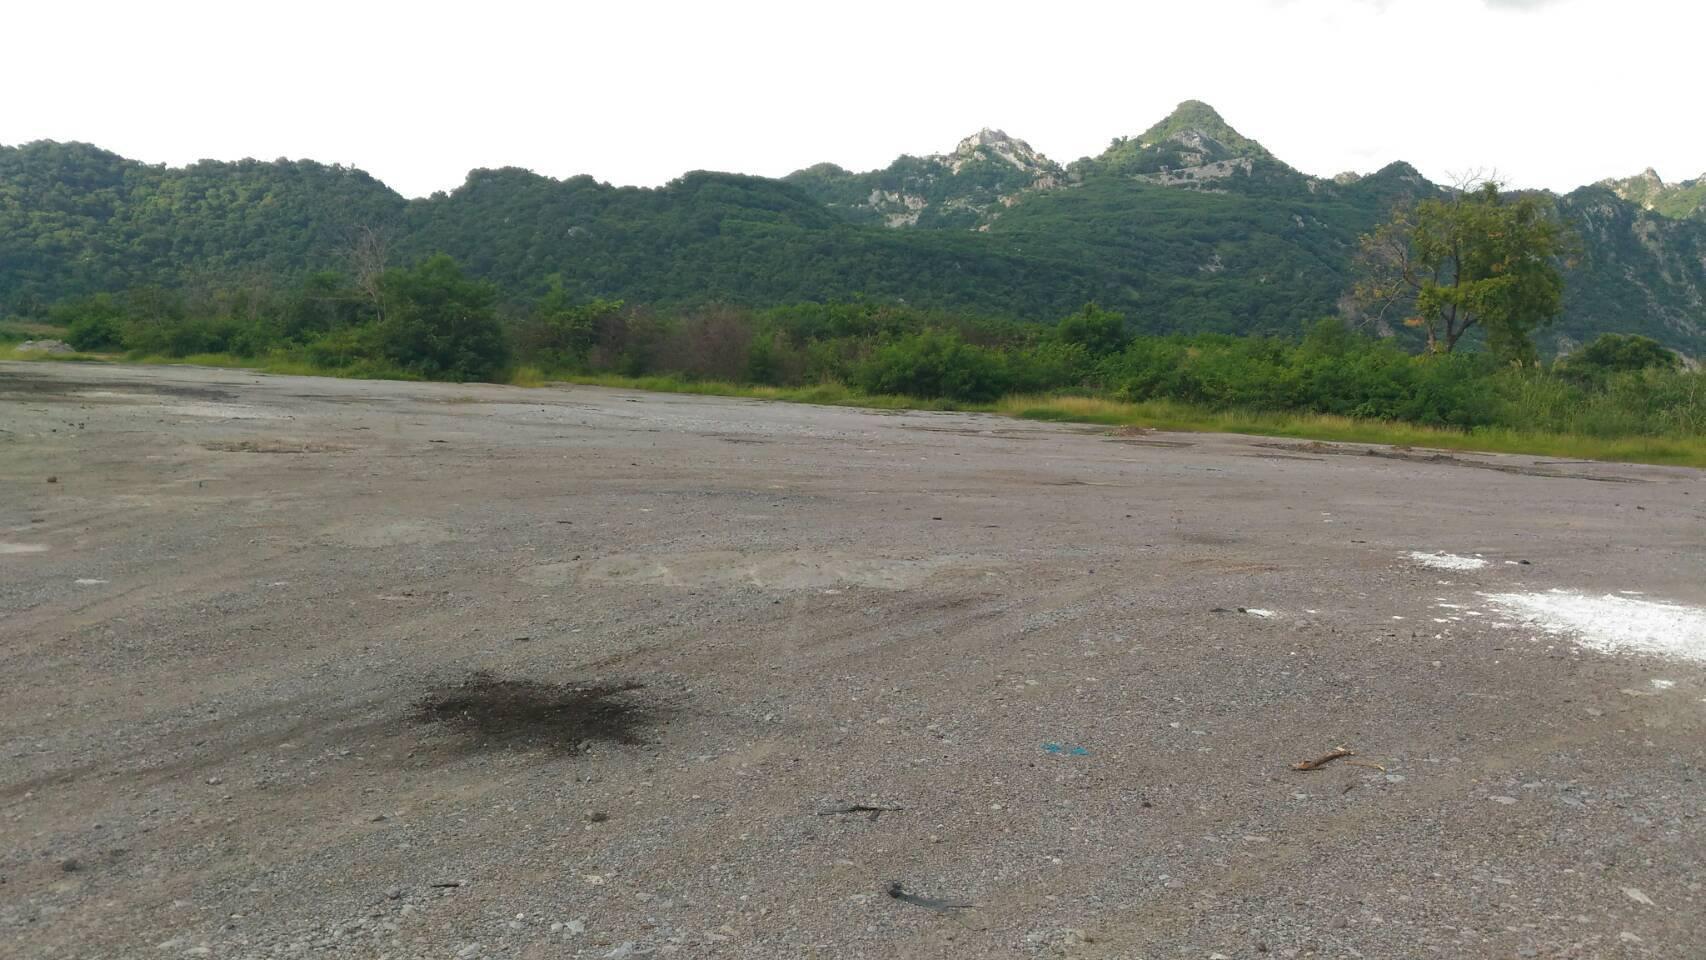 ขายที่ดิน 34 ไร่ 3 งาน 77 ตารางวา อำเภอพระพุทธบาท จัหวัดสระบุรี รูปที่ 2